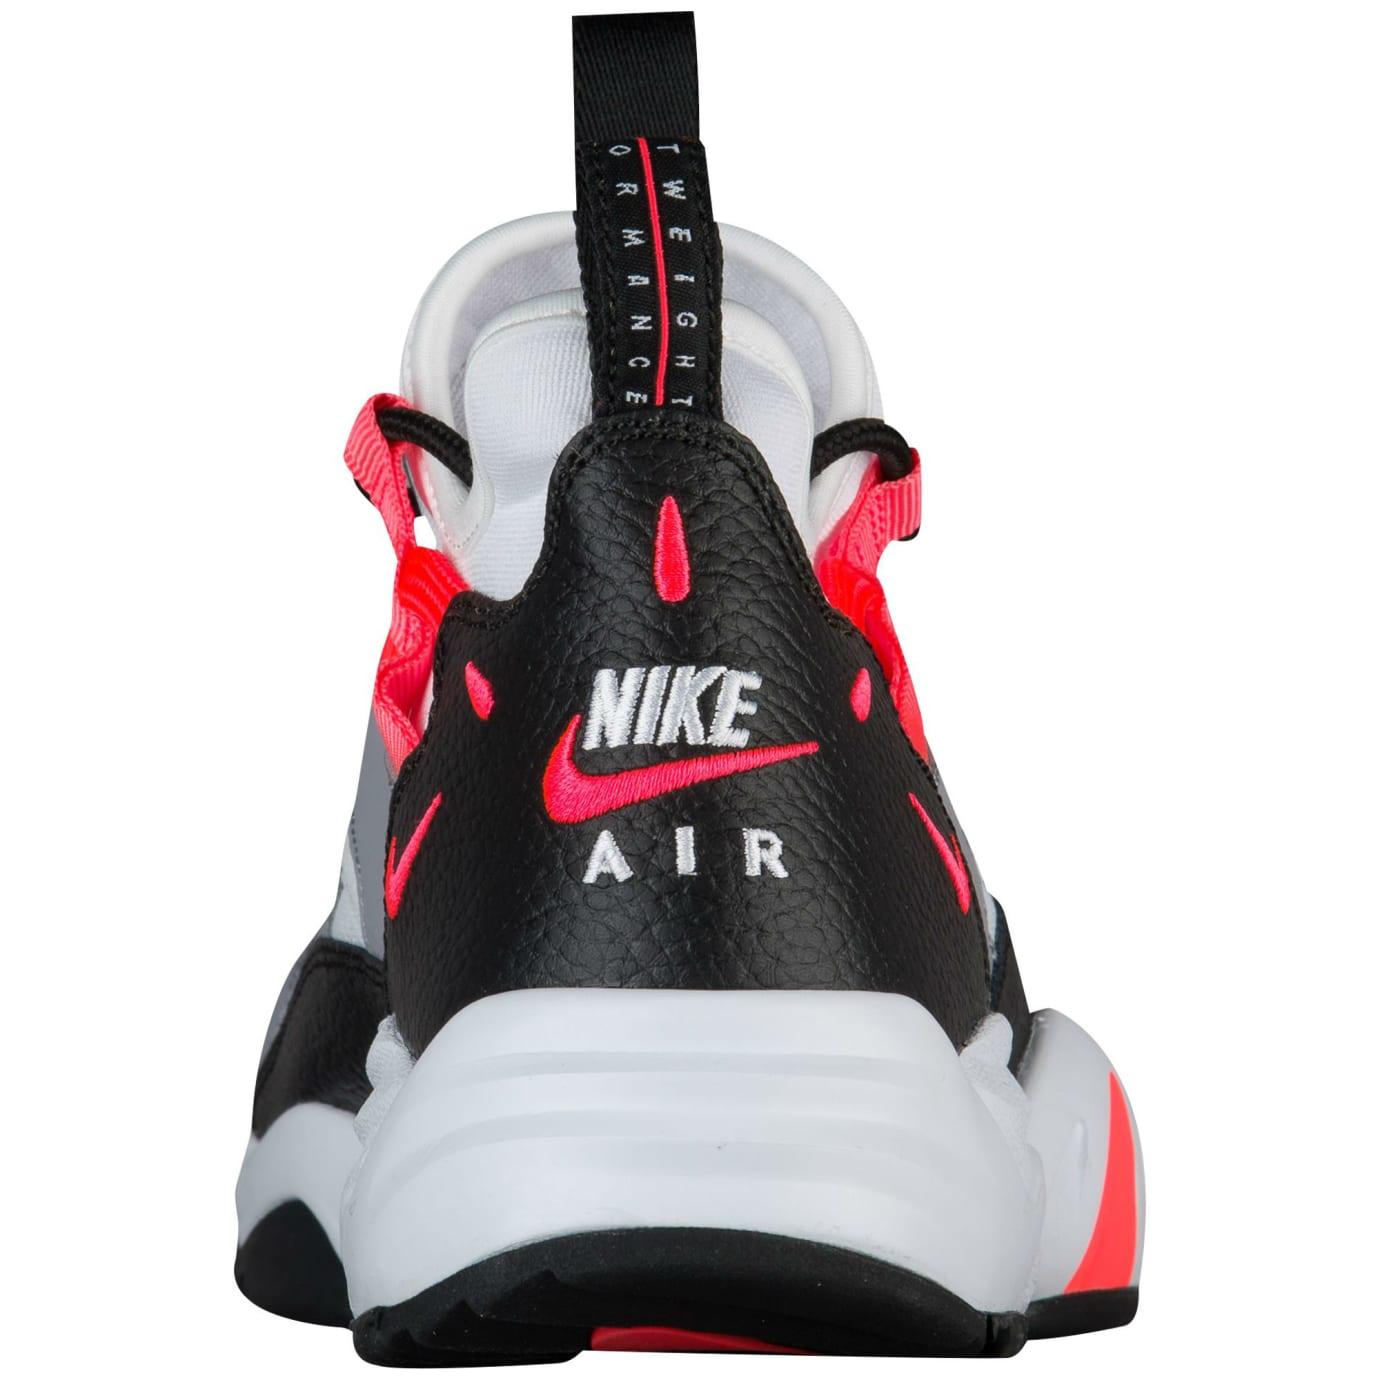 Nike Air Scream LWP Infrared Release Date AH8417-002 Heel